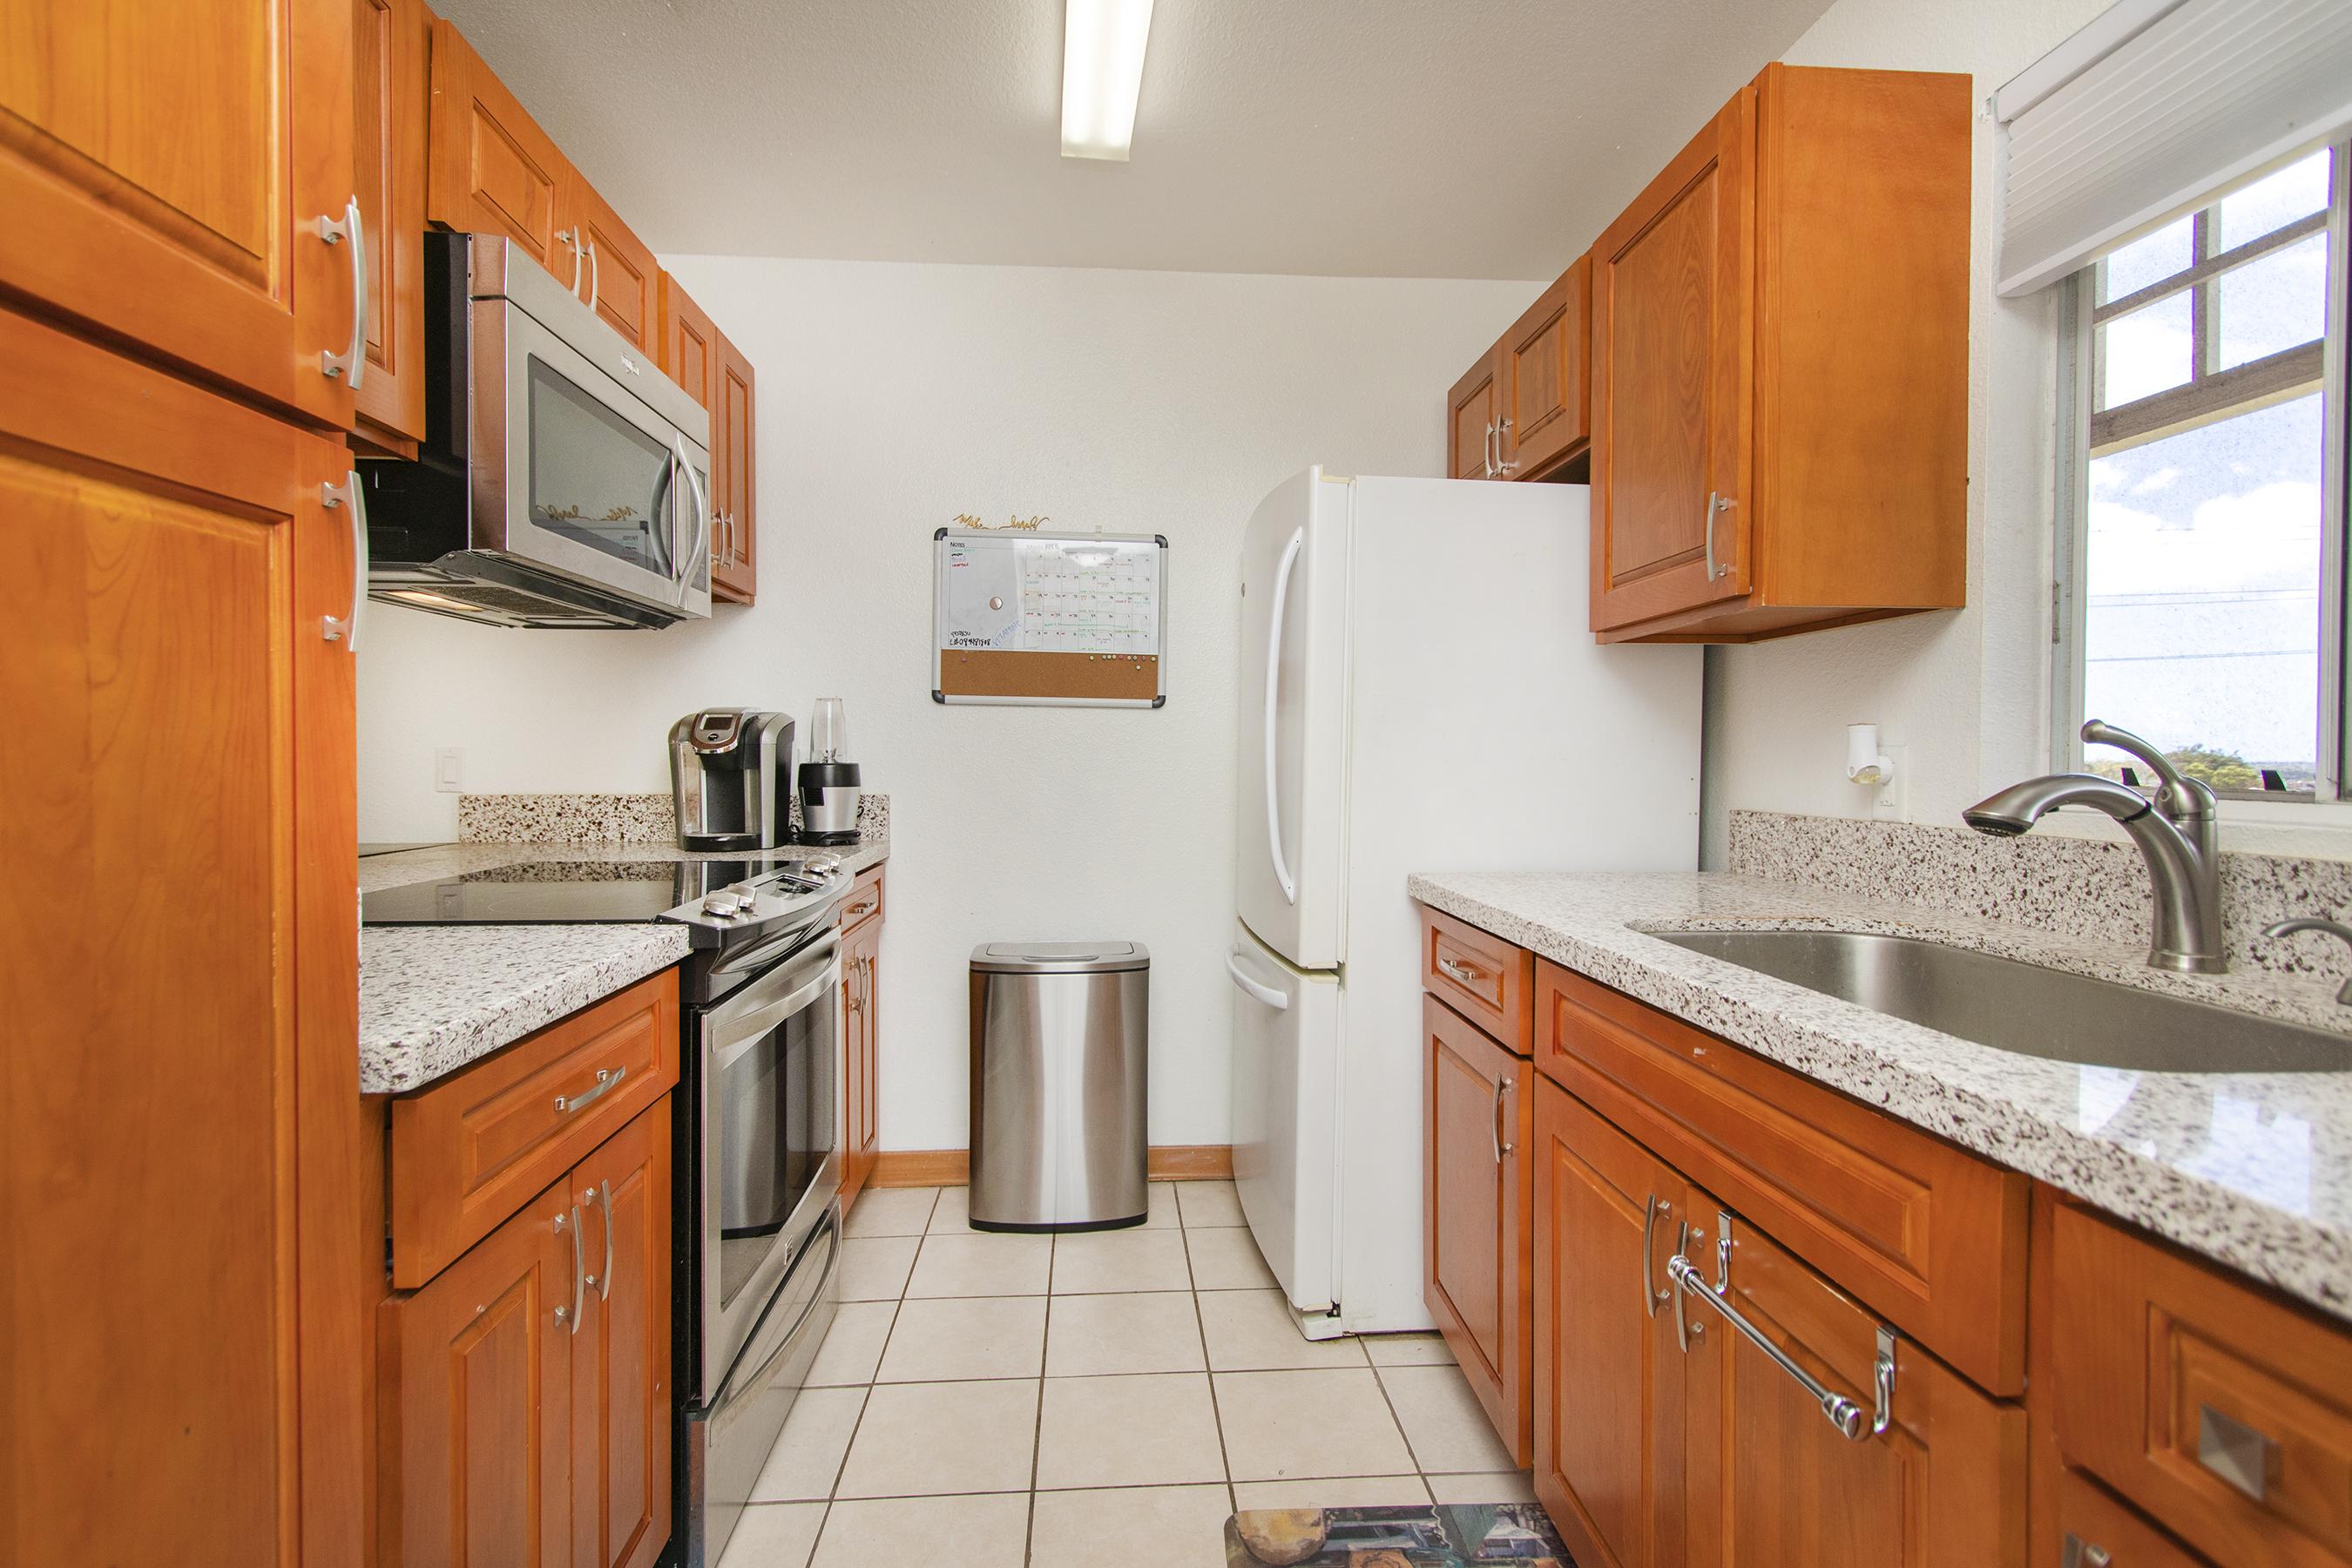 Kitchen at 94-517 Lumiaina Street Unit K205